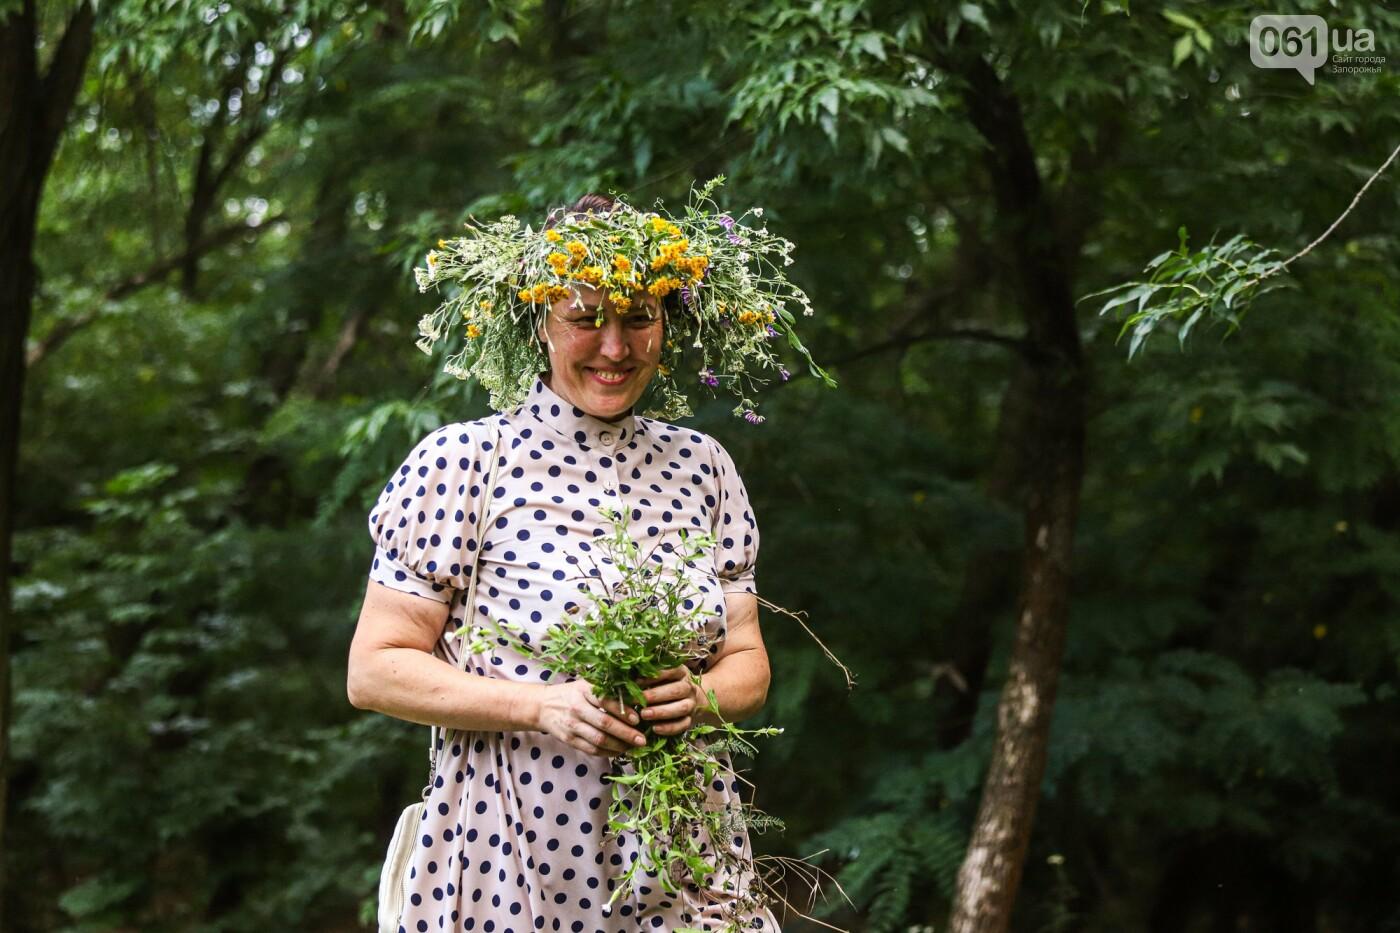 Огонь и дубовые венки: как на Хортице отметили праздник Перуна, - ФОТОРЕПОРТАЖ, фото-11